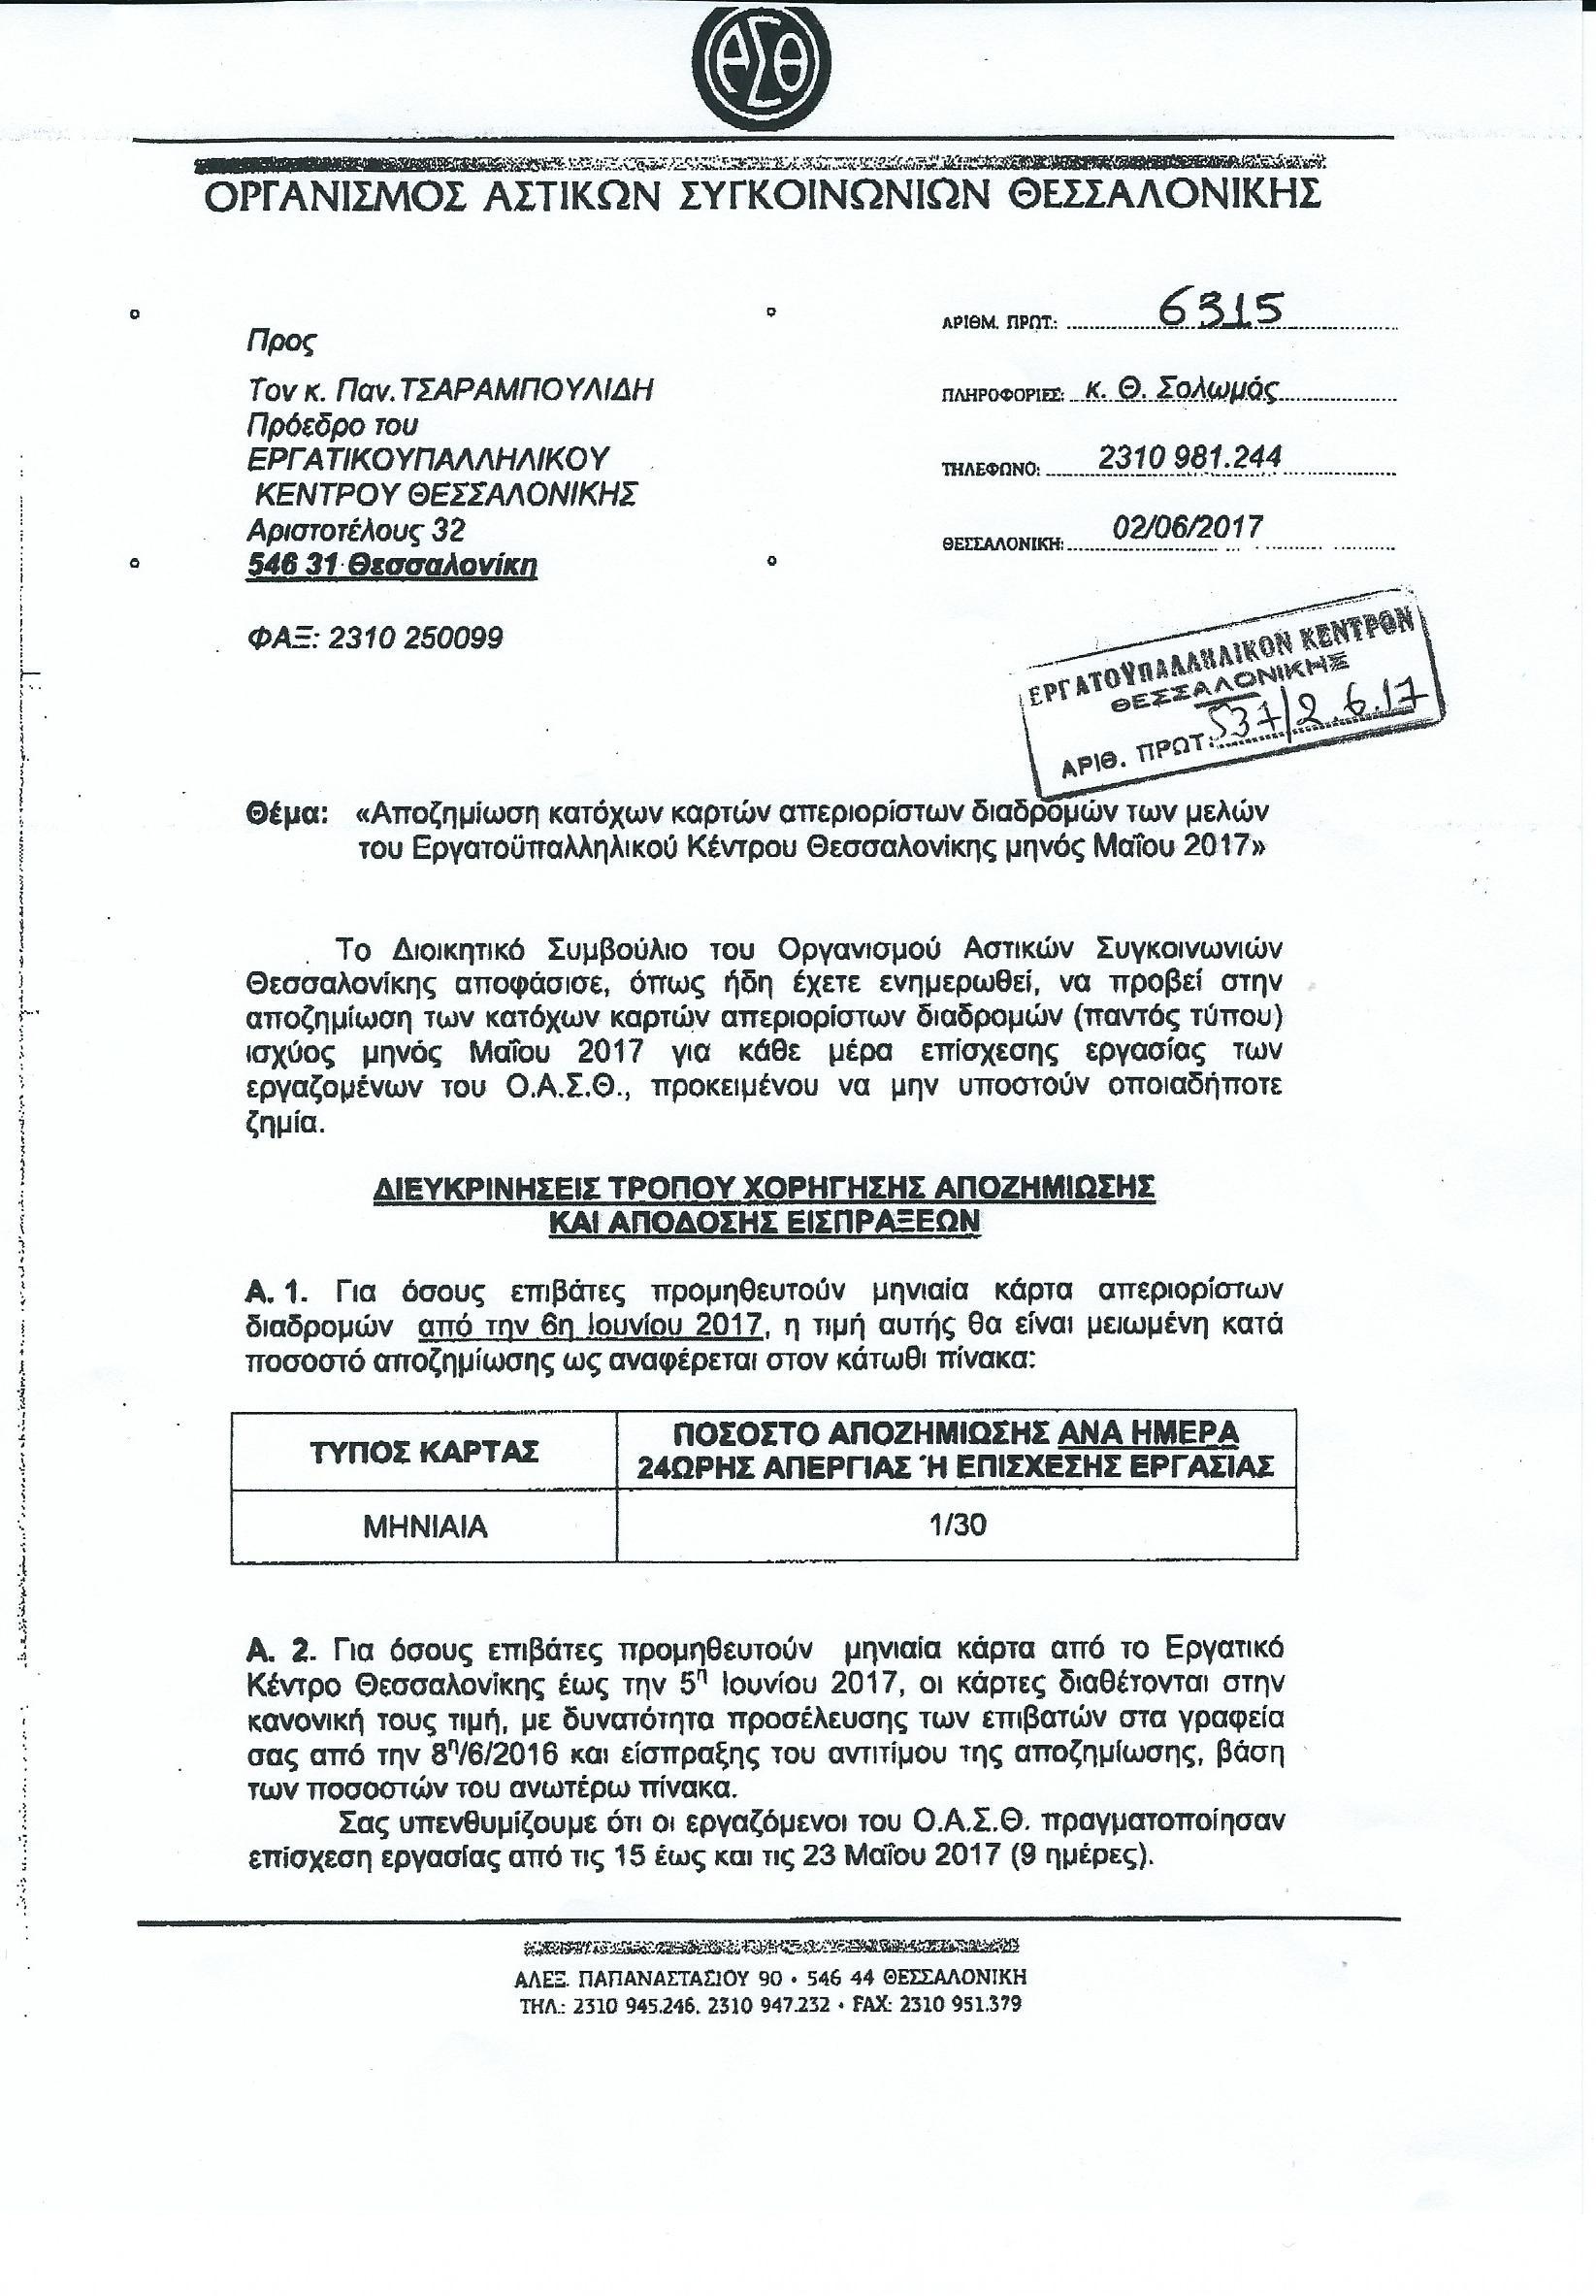 Αποζημίωση κατόχων καρτών απεριόριστων διαδρομών των μελών του Ε.Κ.Θ. μηνός Μαΐου 2017